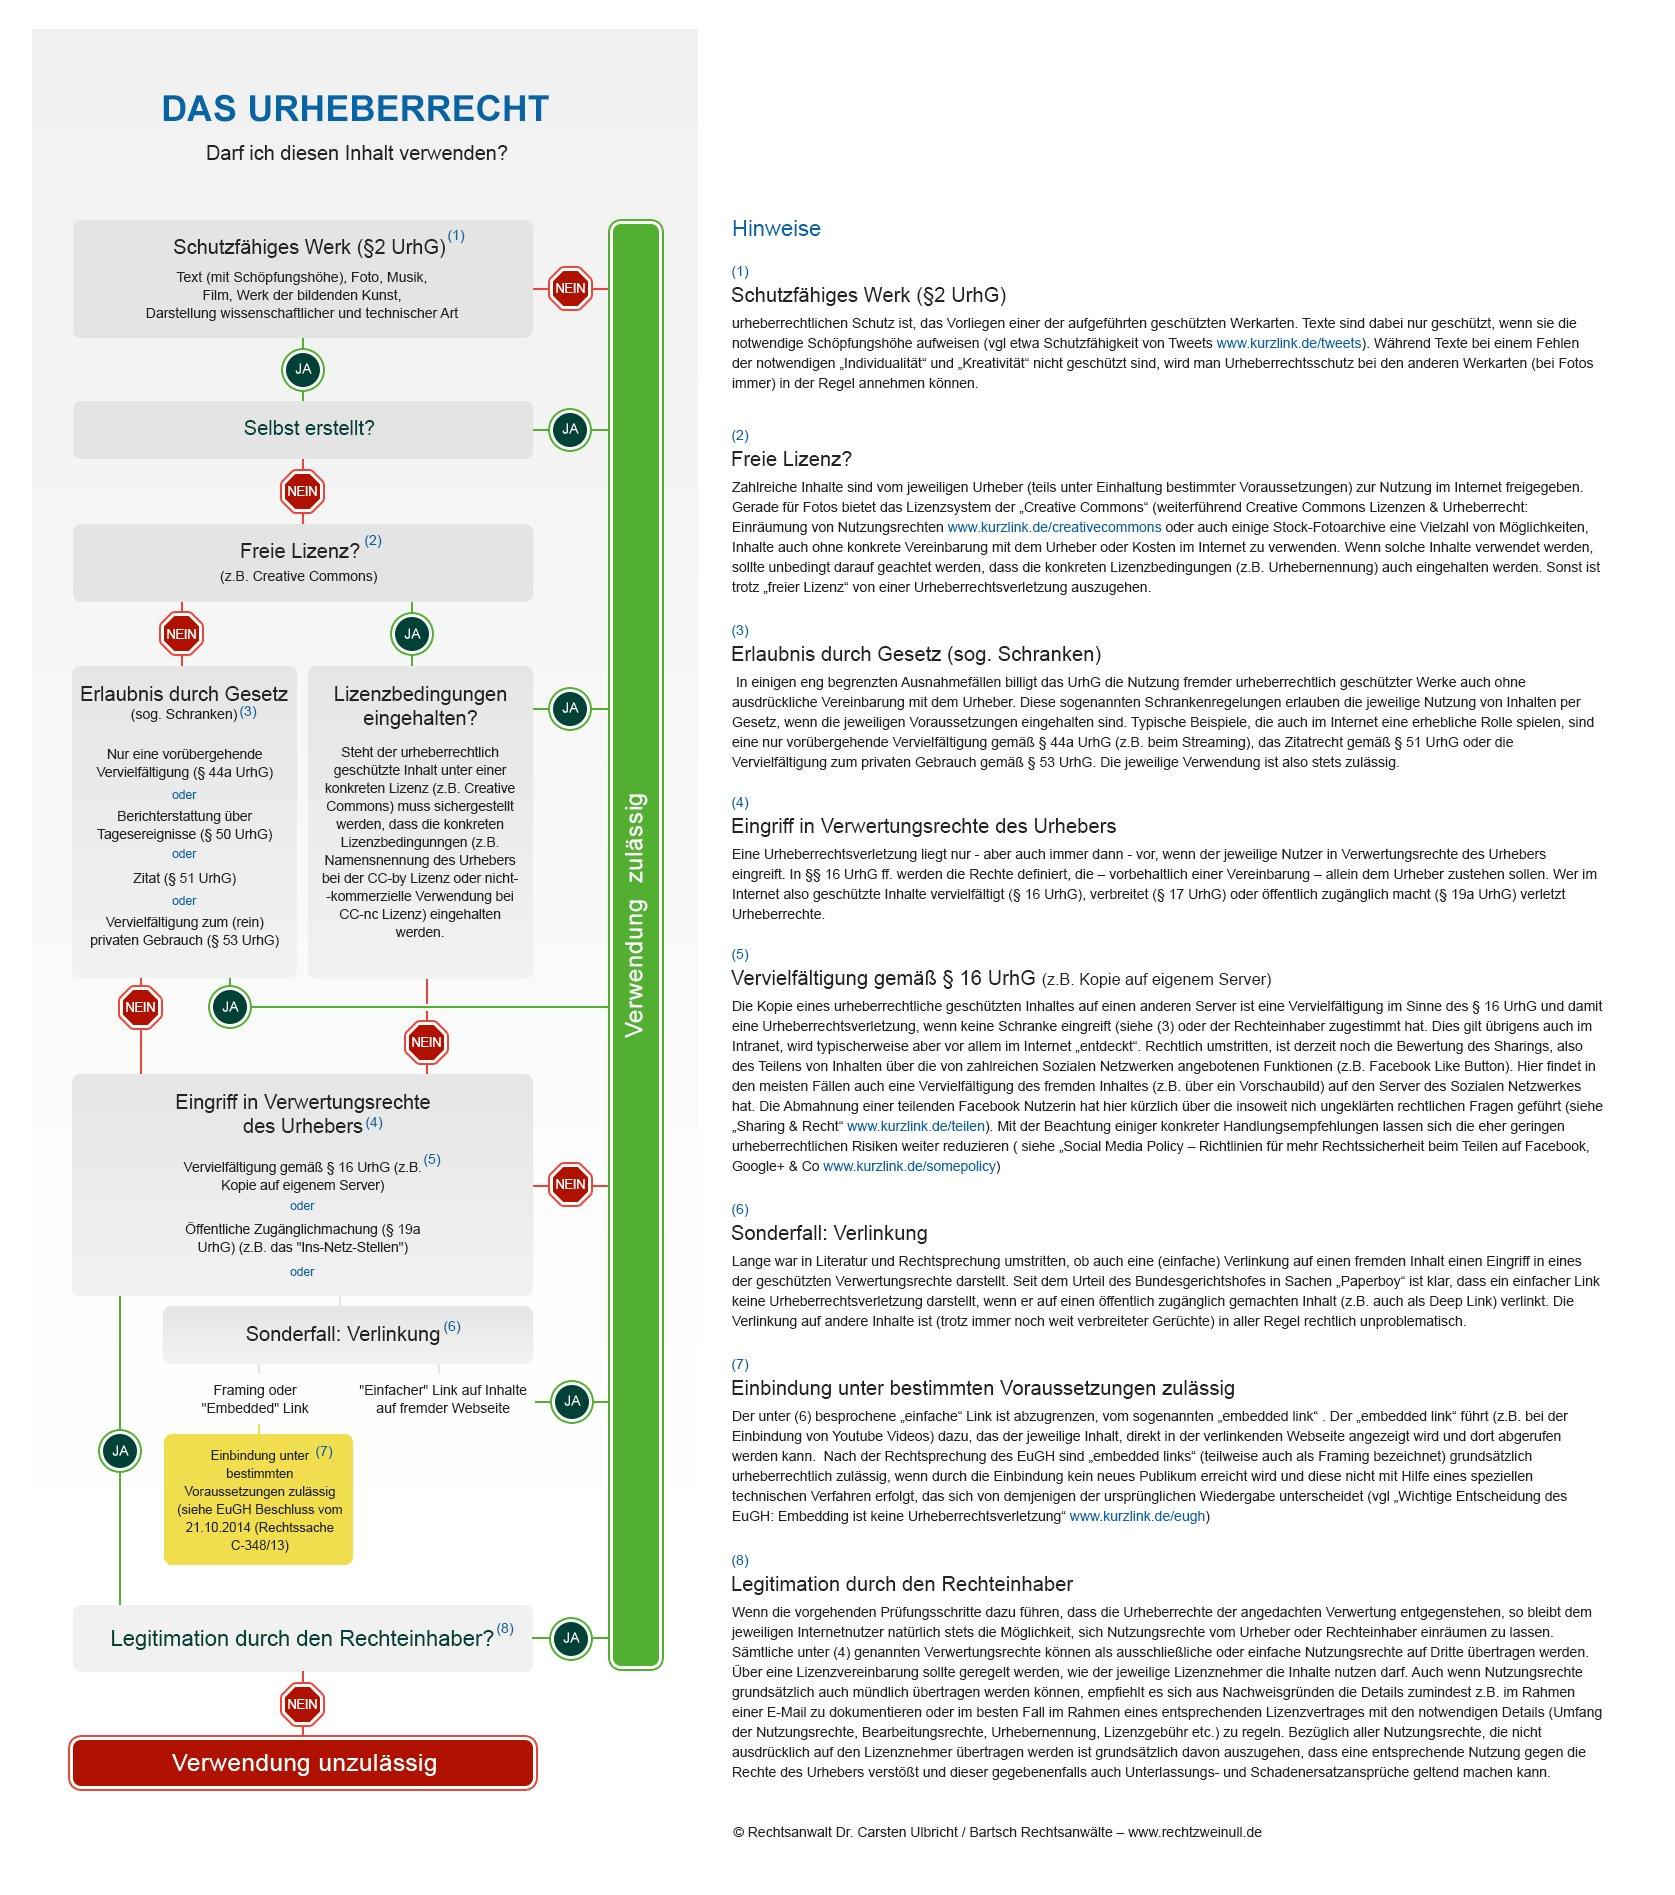 """Quelle: """"Infografik Urheberrecht"""" von Rechtsanwalt Dr. Carsten Ulbricht / Bartsch Rechtsanwälte - www.rechtzweinull.de"""